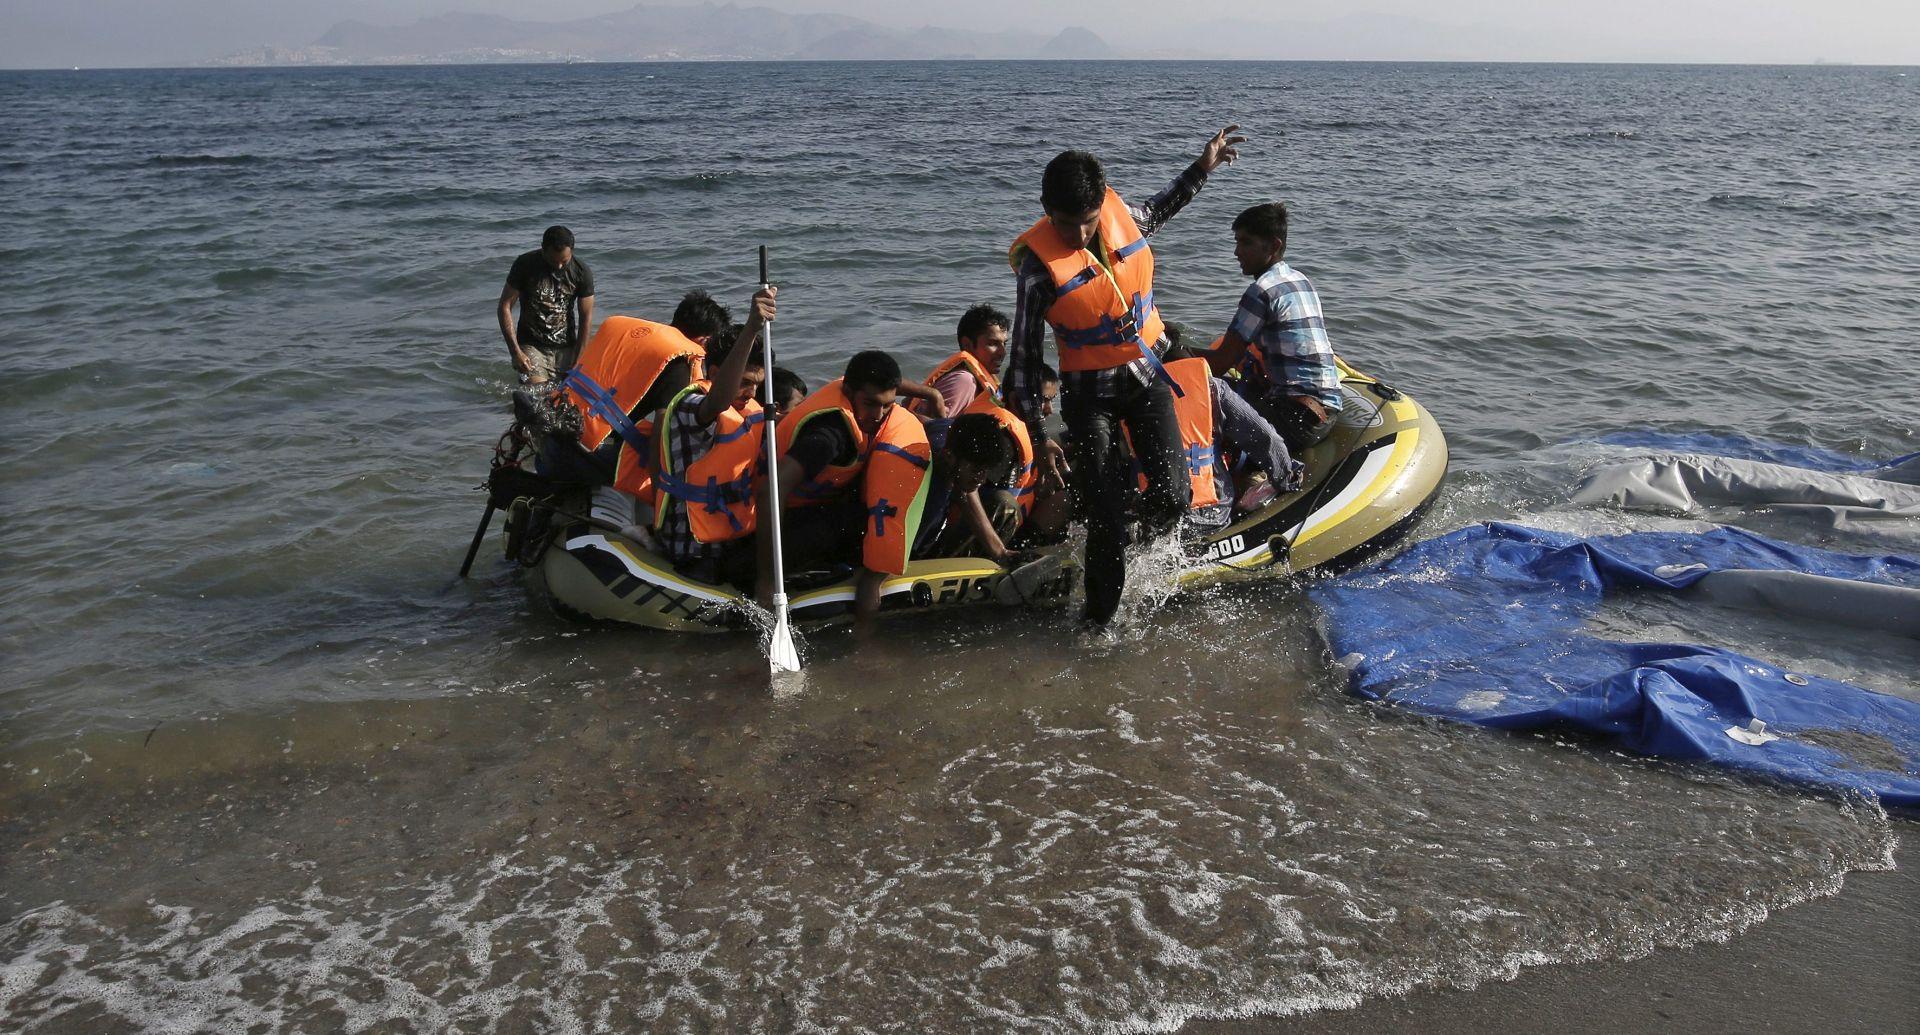 MOGU DOBITI I DO 8 GODINA ZATVORA Turska uhitila više od 400 migranata